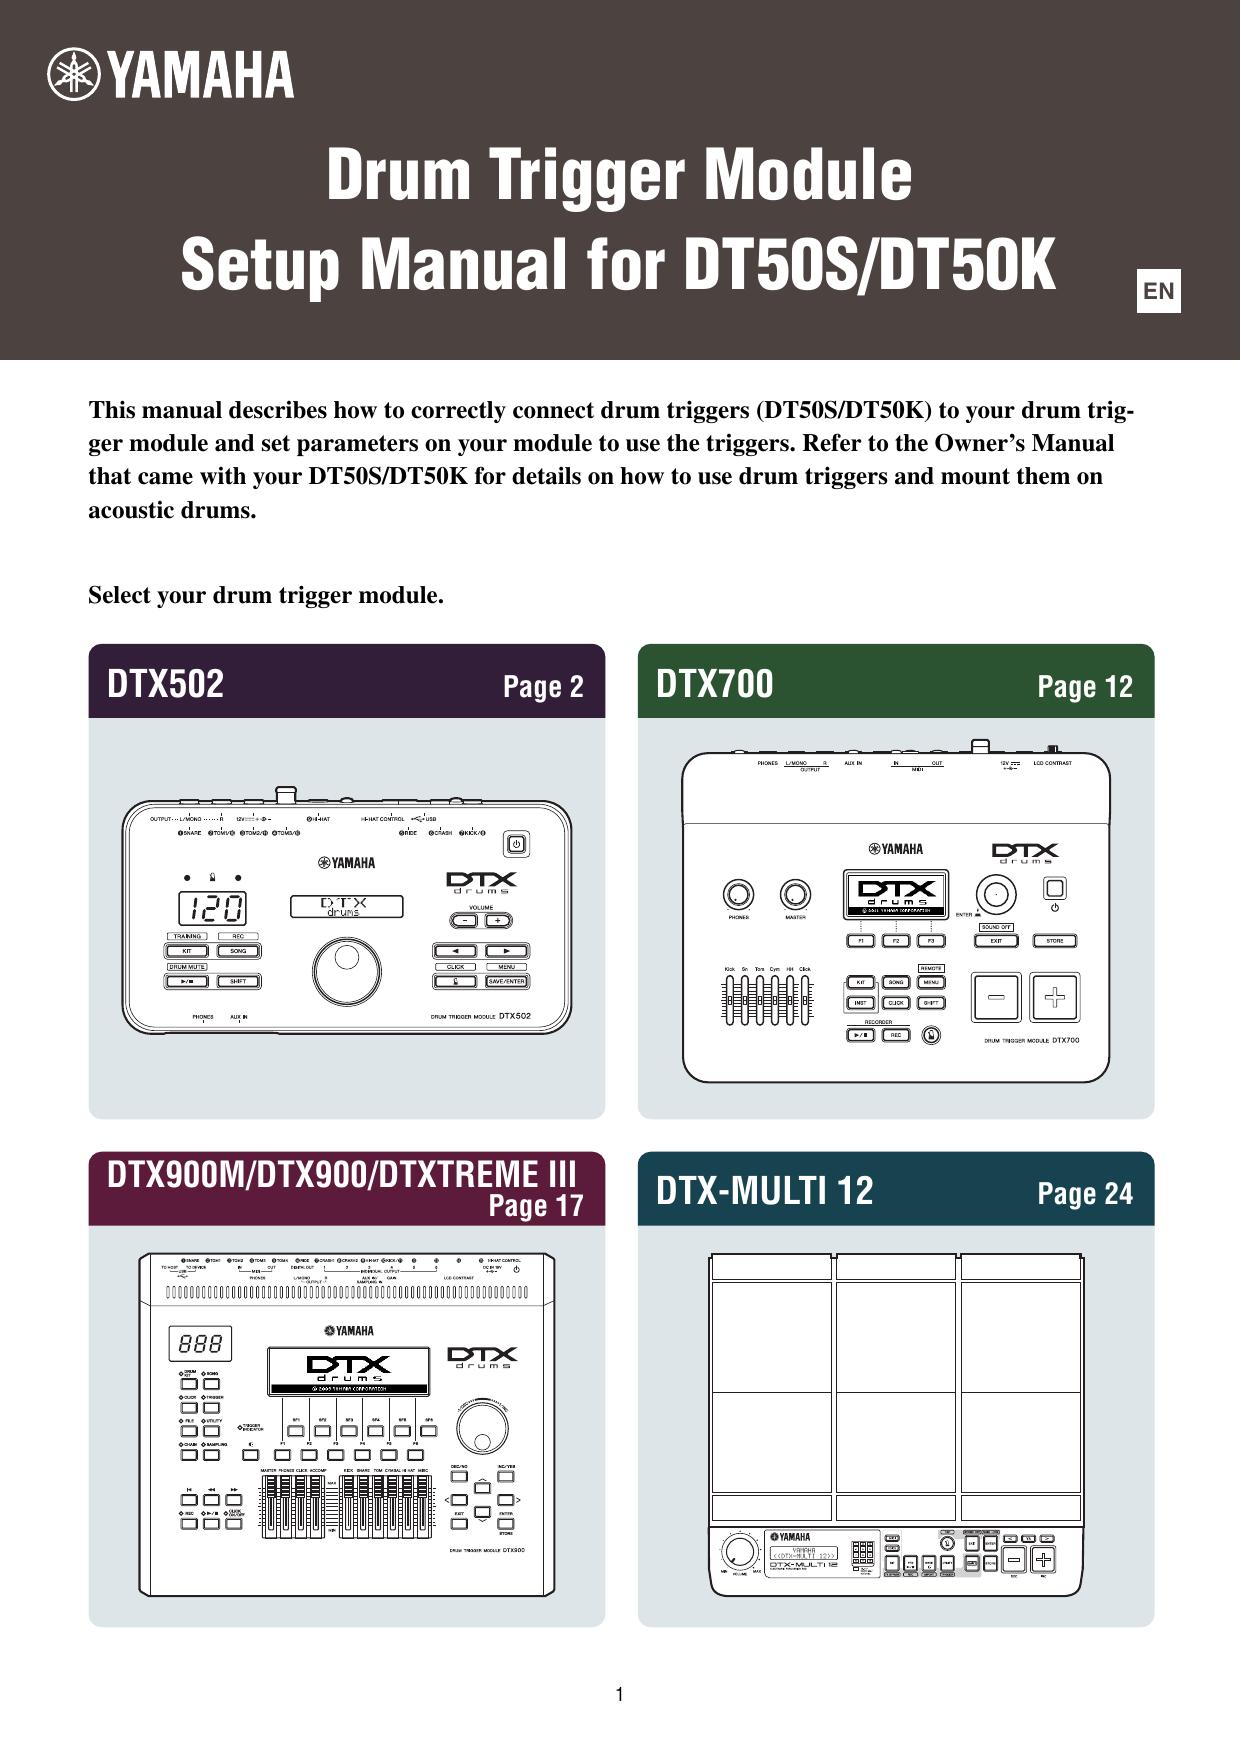 Yamaha Drum Trigger Module Setup Manual for DT50S/DT50K